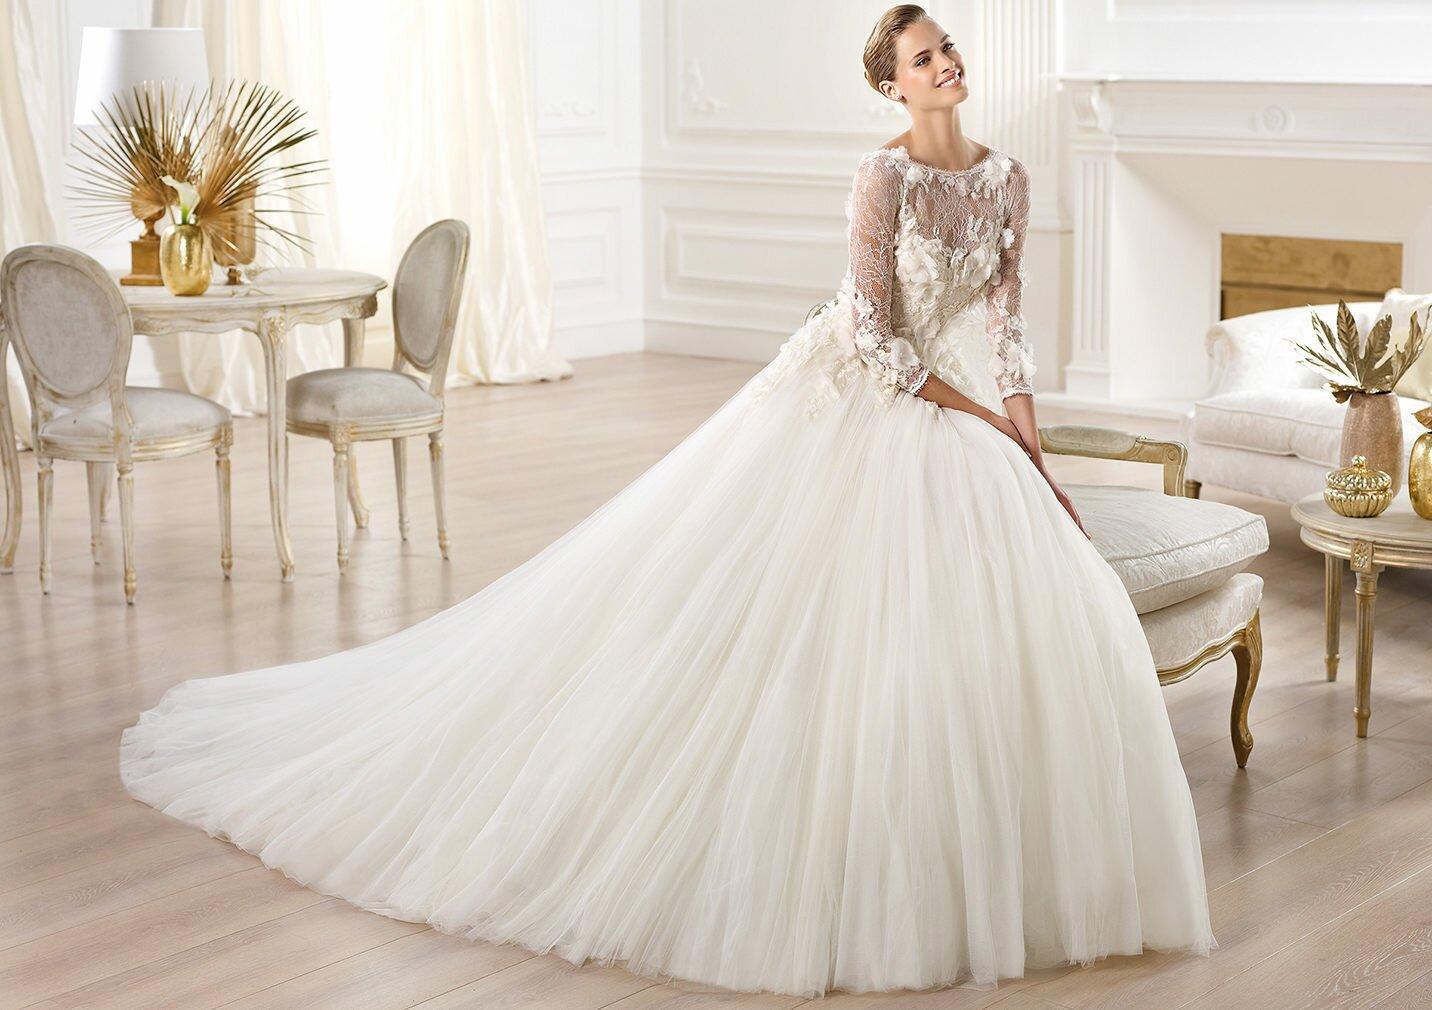 elie saab wedding dresses elie saab wedding dress Elie Saab wedding dresses Pictures ideas Guide to buying Stylish Wedding Dresses